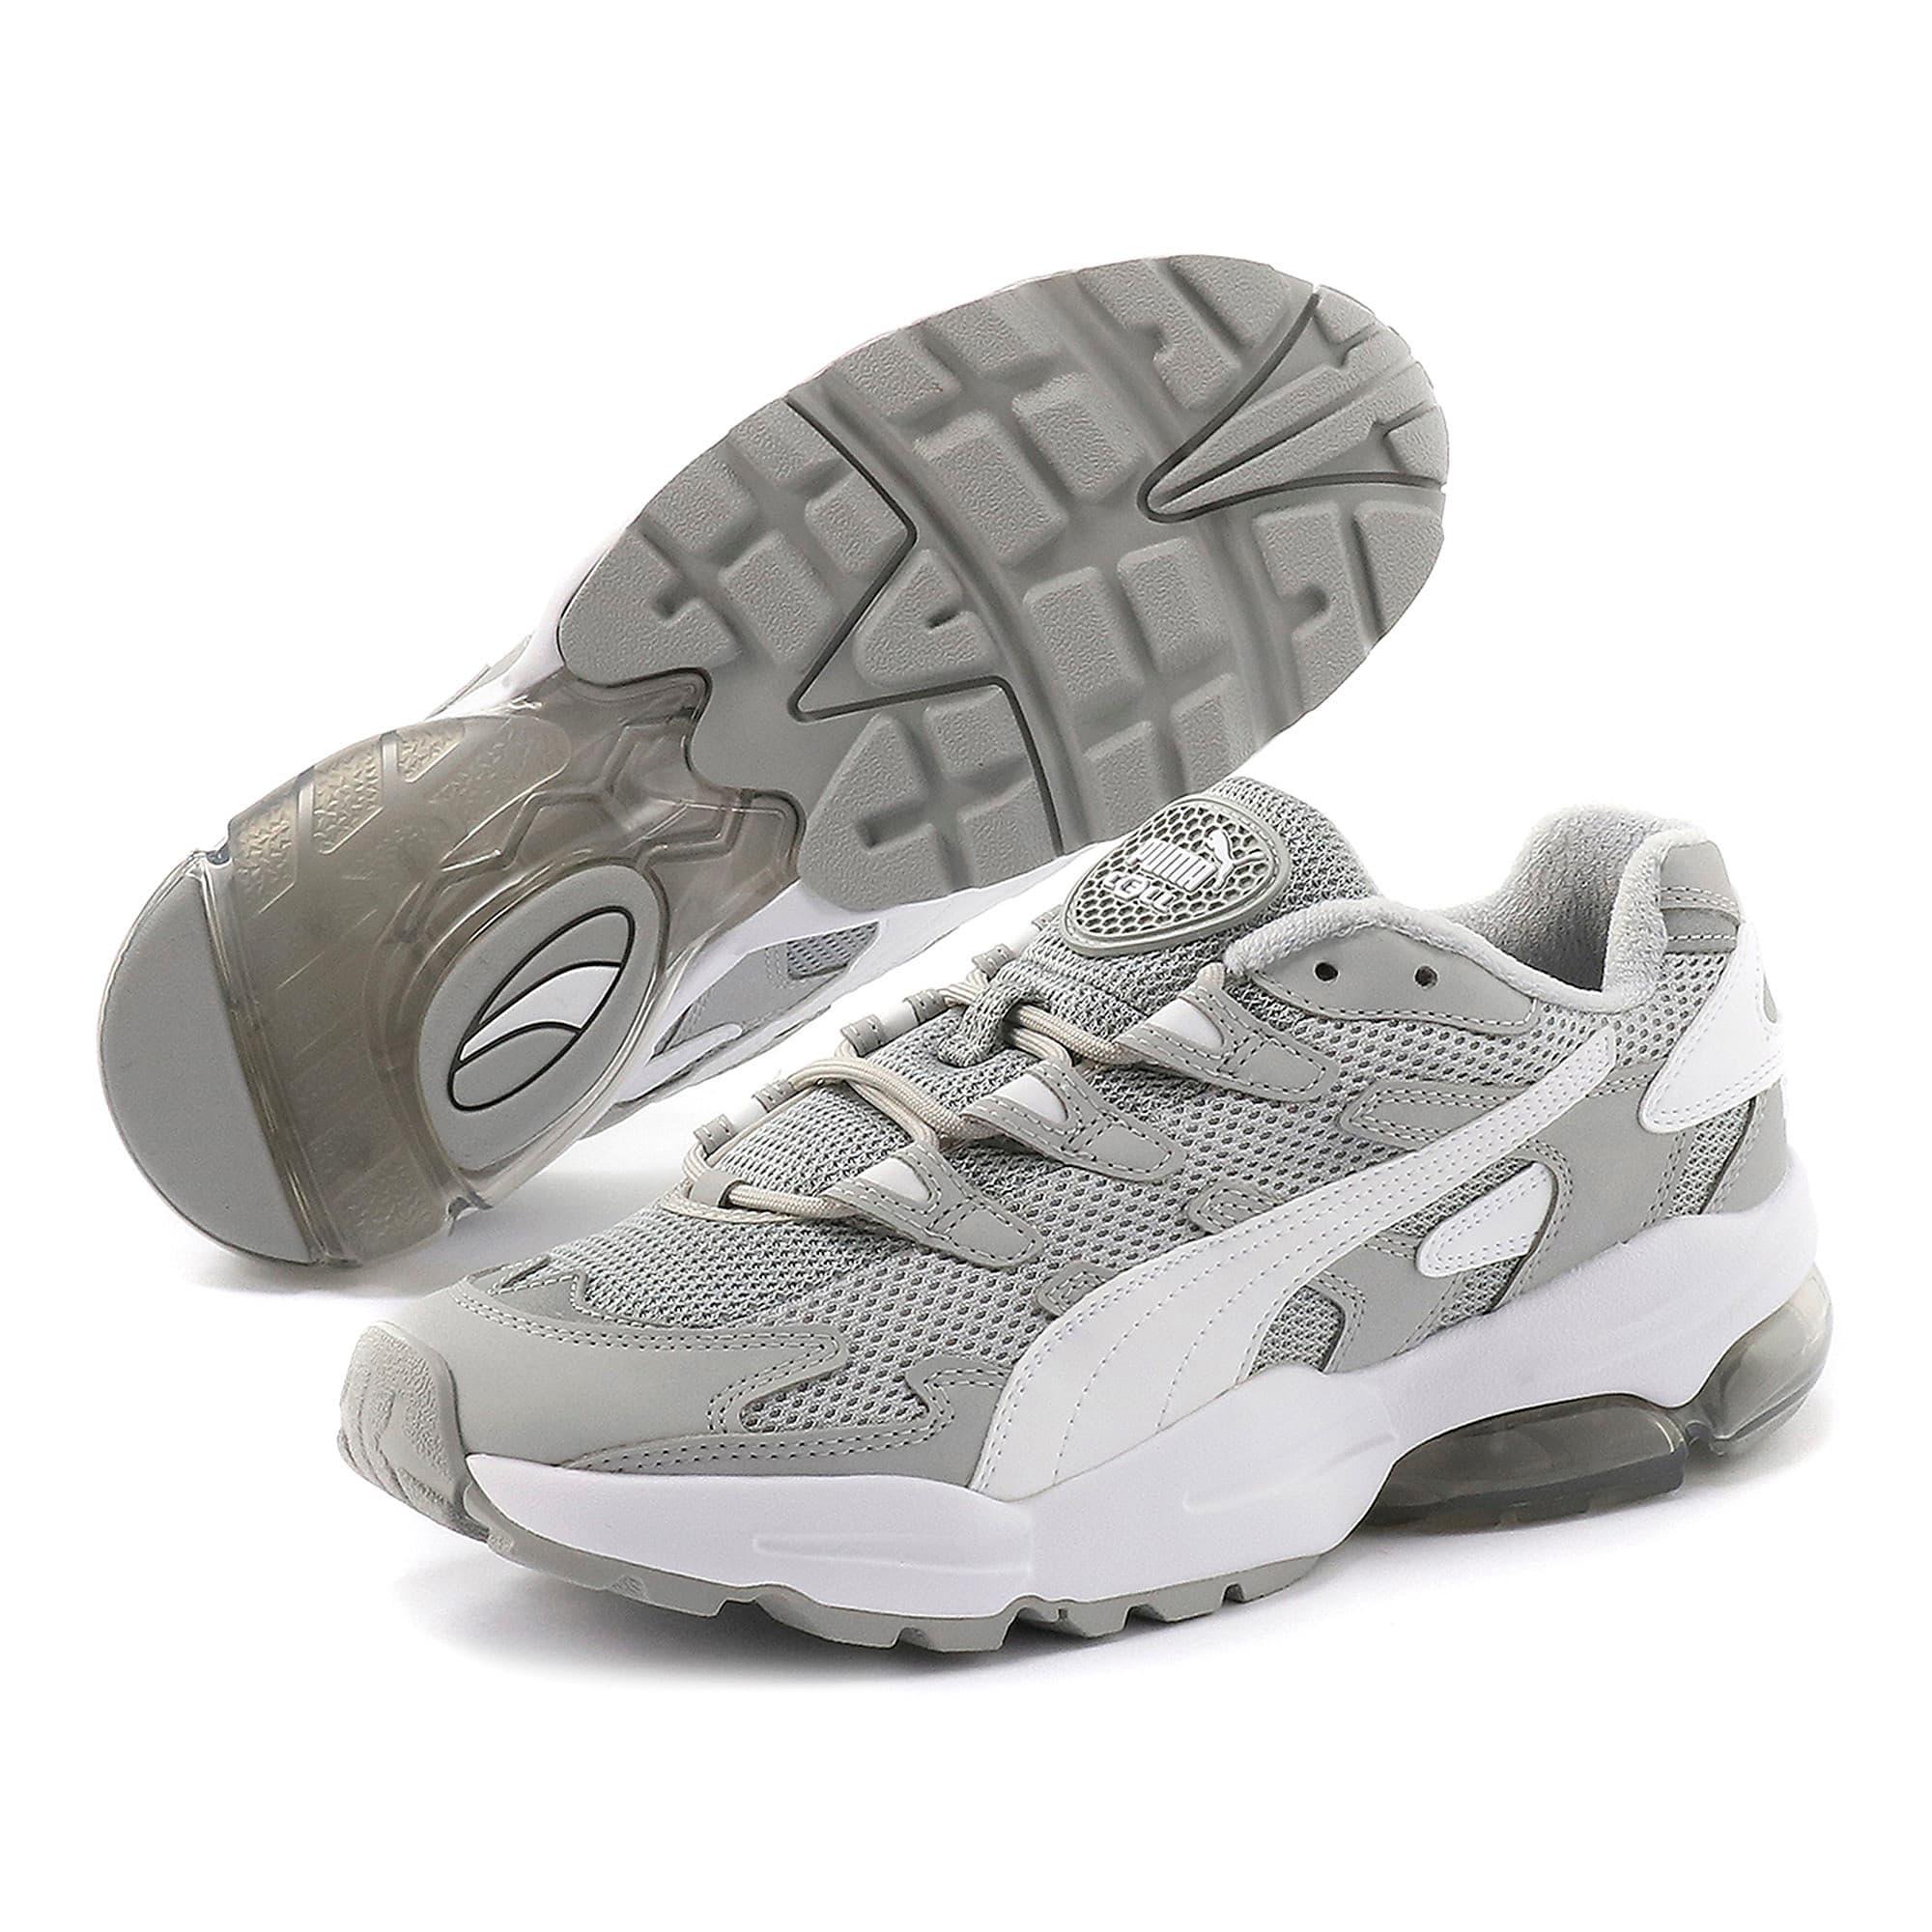 Thumbnail 2 of CELL Alien OG Sneakers, High Rise-Puma White, medium